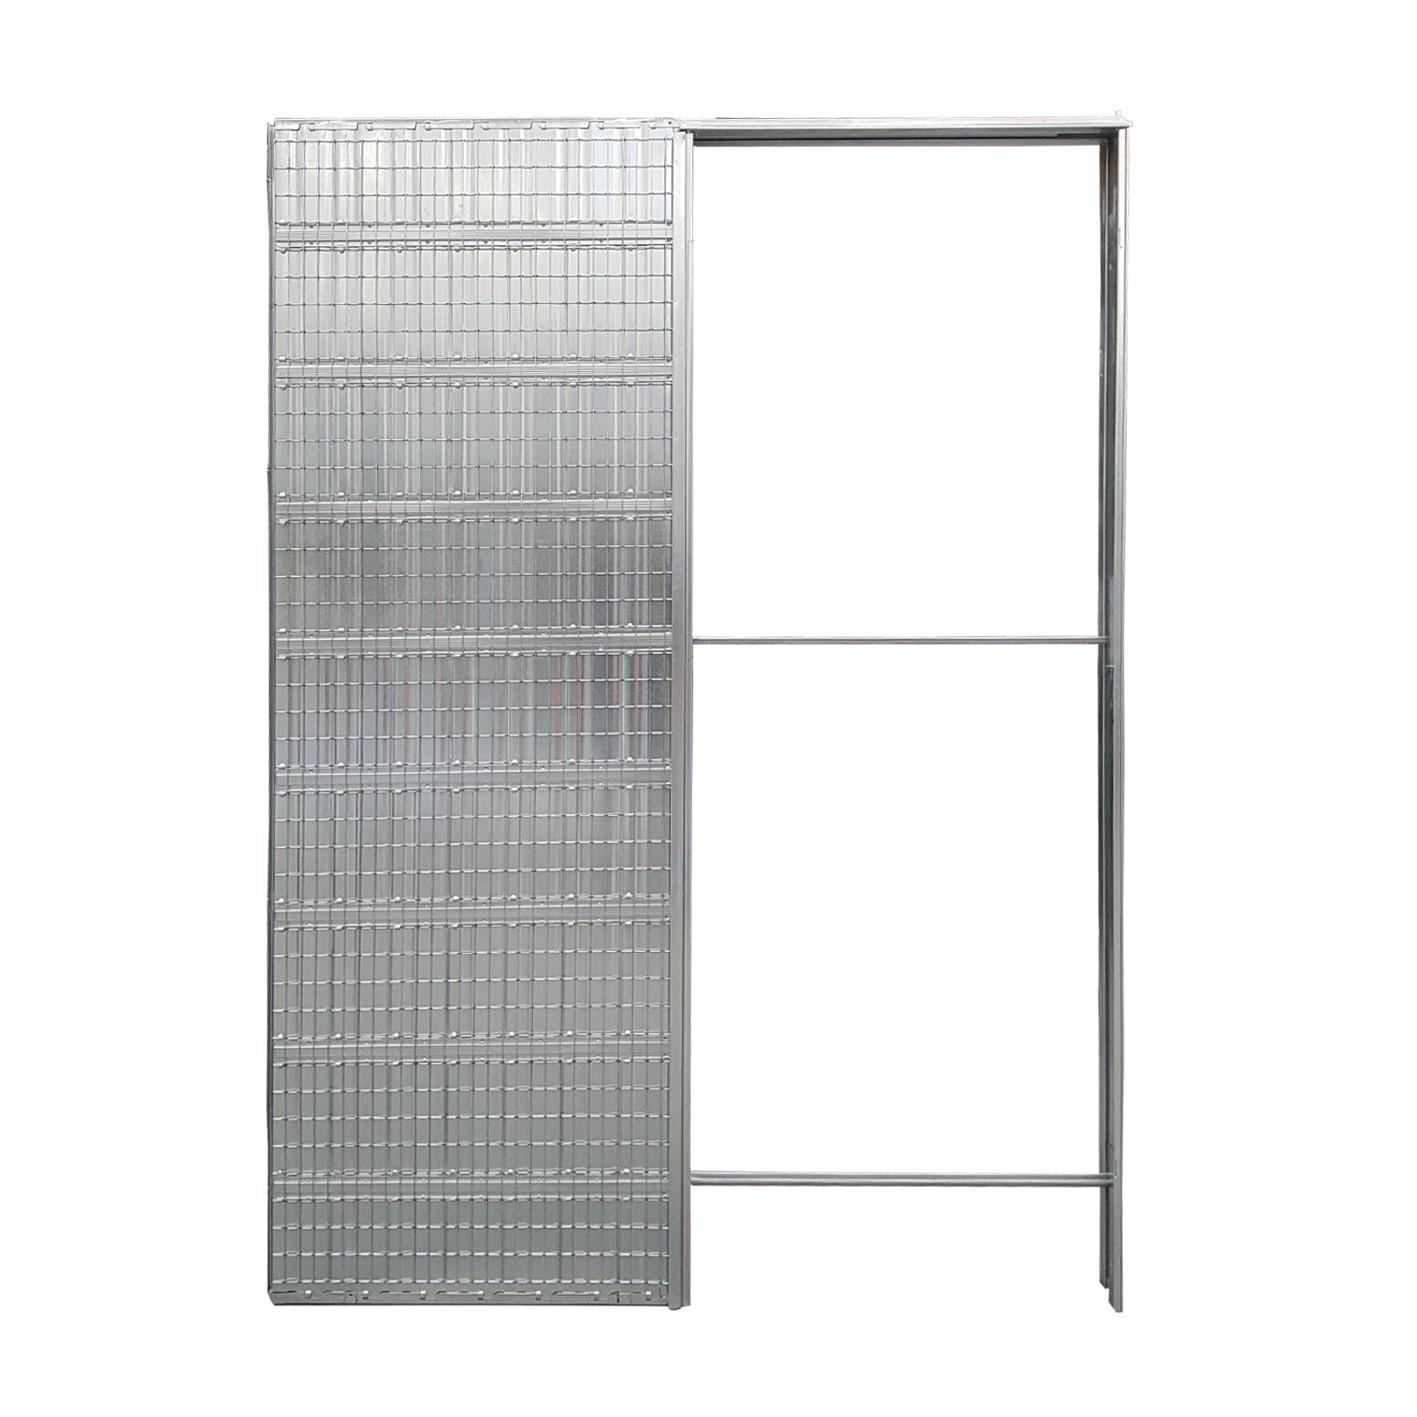 Controtelaio porta scorrevole per intonaco 80 x 210 cm prezzi e ...